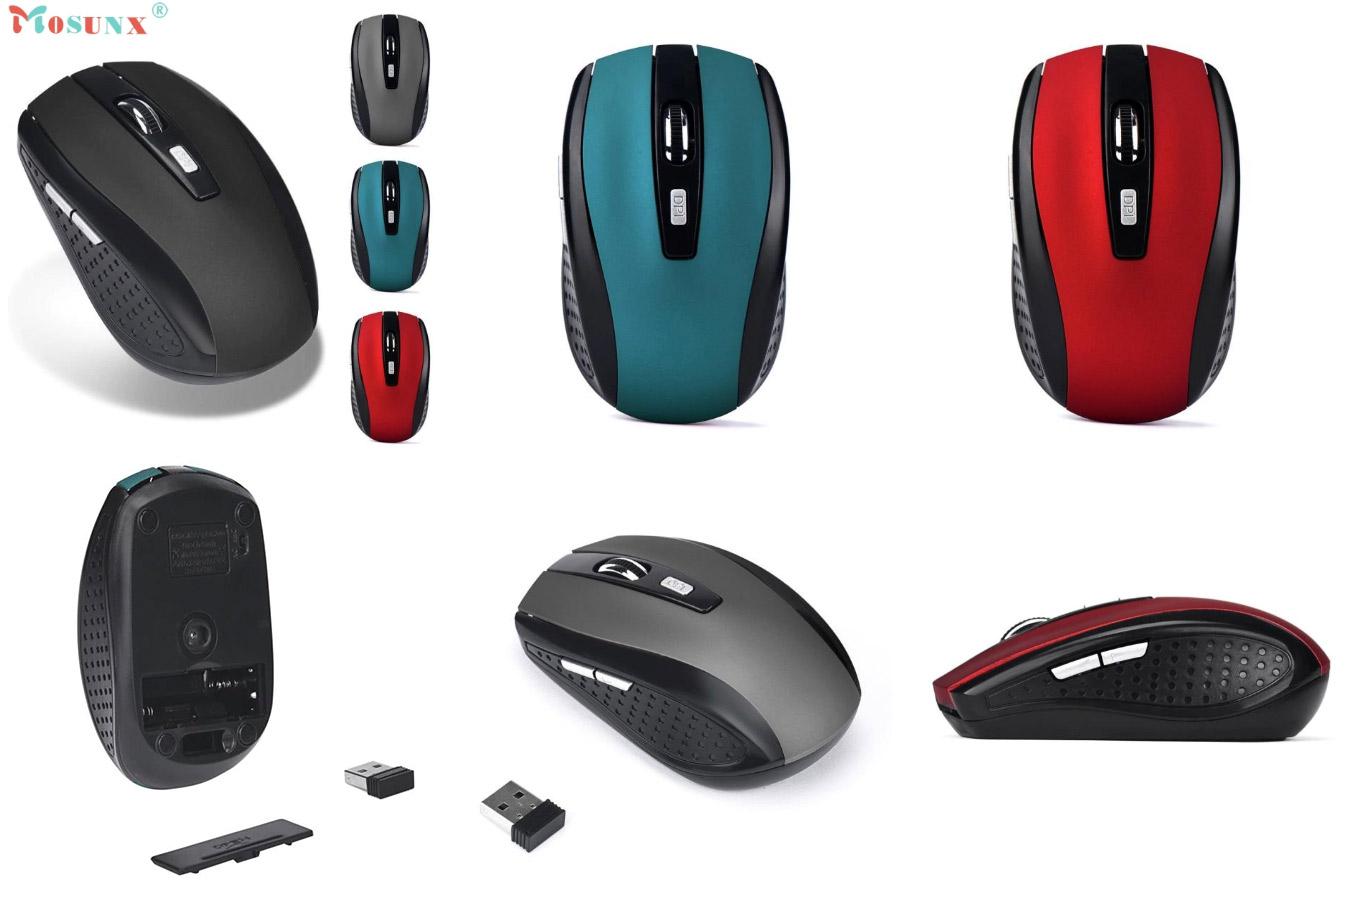 Дешевая компьютерная мышка Mosunx